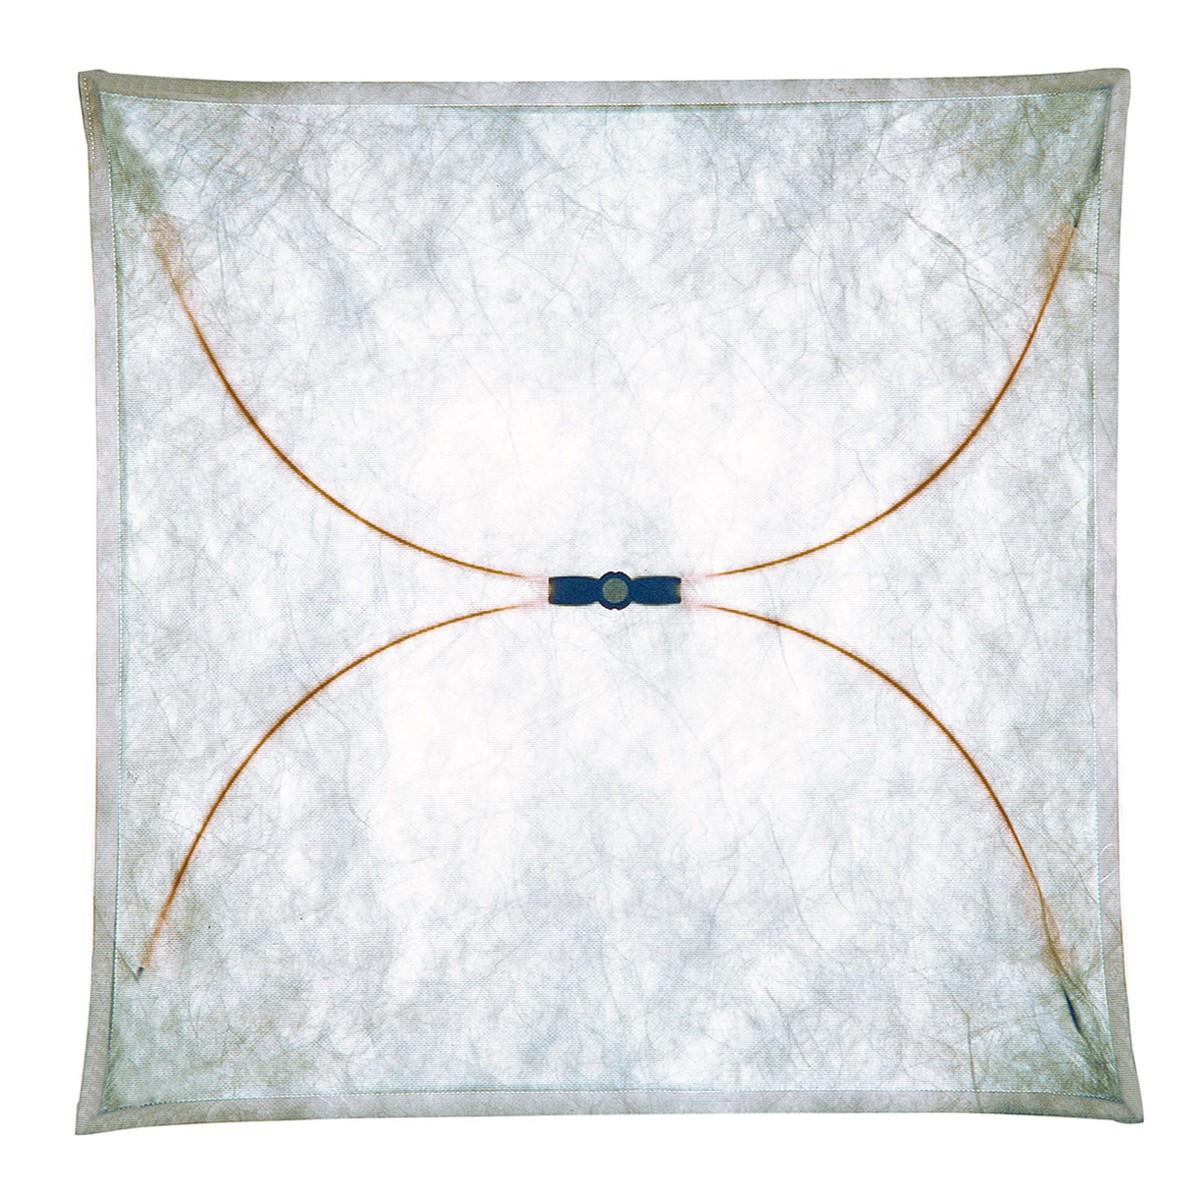 Flos Ariette Wand- / Deckenleuchte, 130 x 130 cm, Stoff